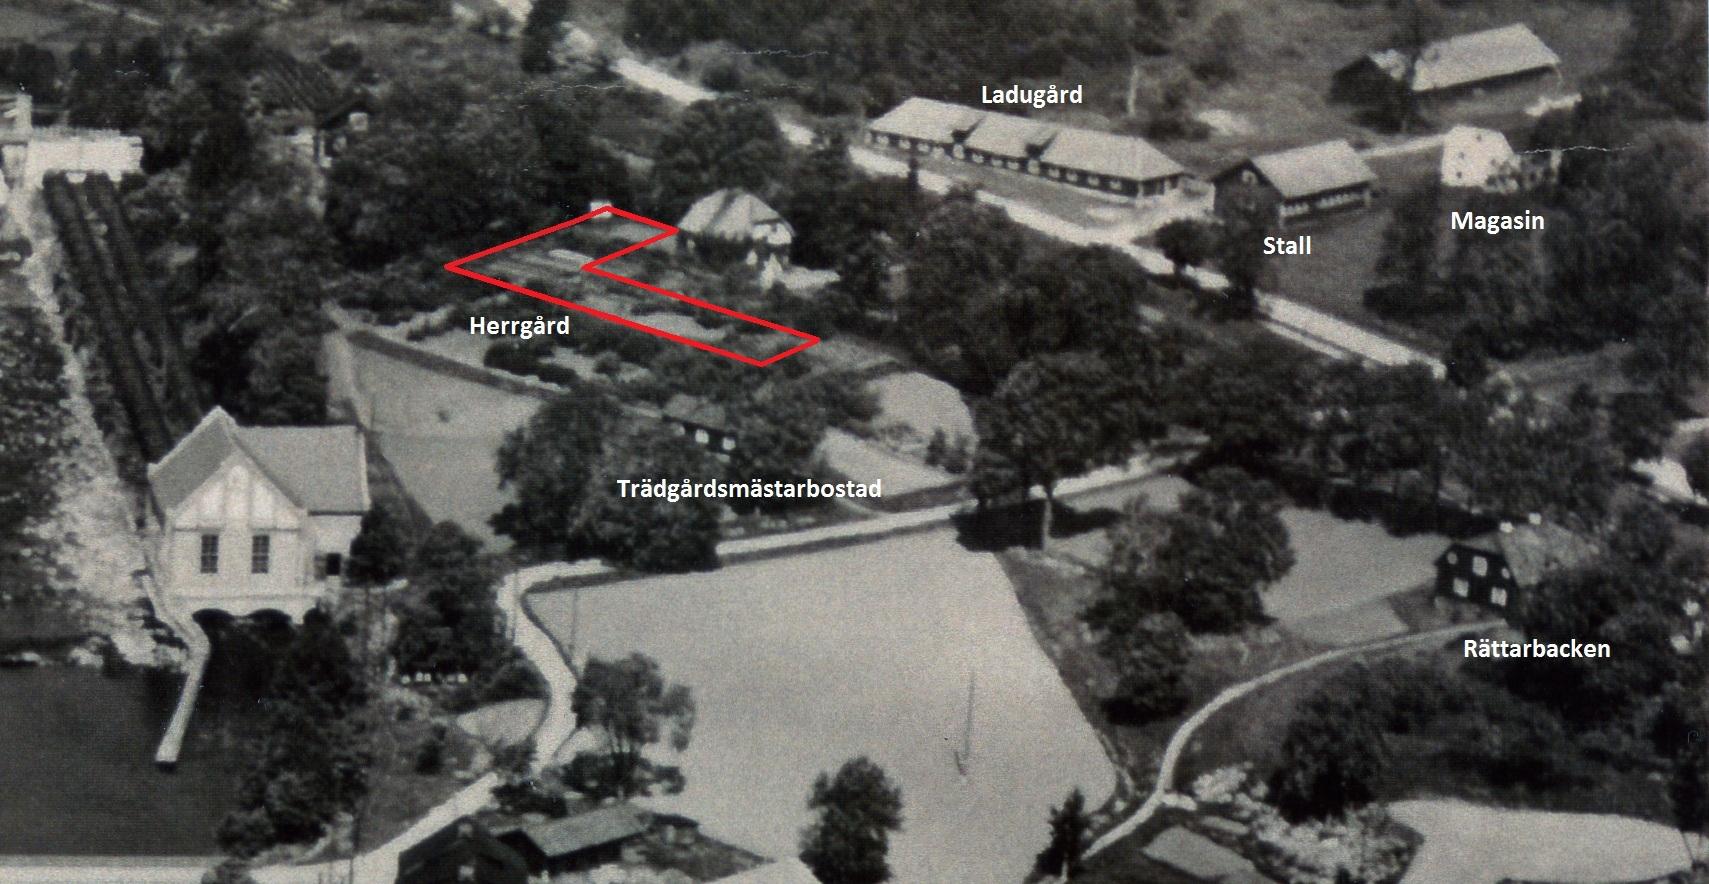 Flygfoto från ca 1930 med byggnader som hörde till herrgården utmärkta. Herrgårdens plats är rödmarkerad